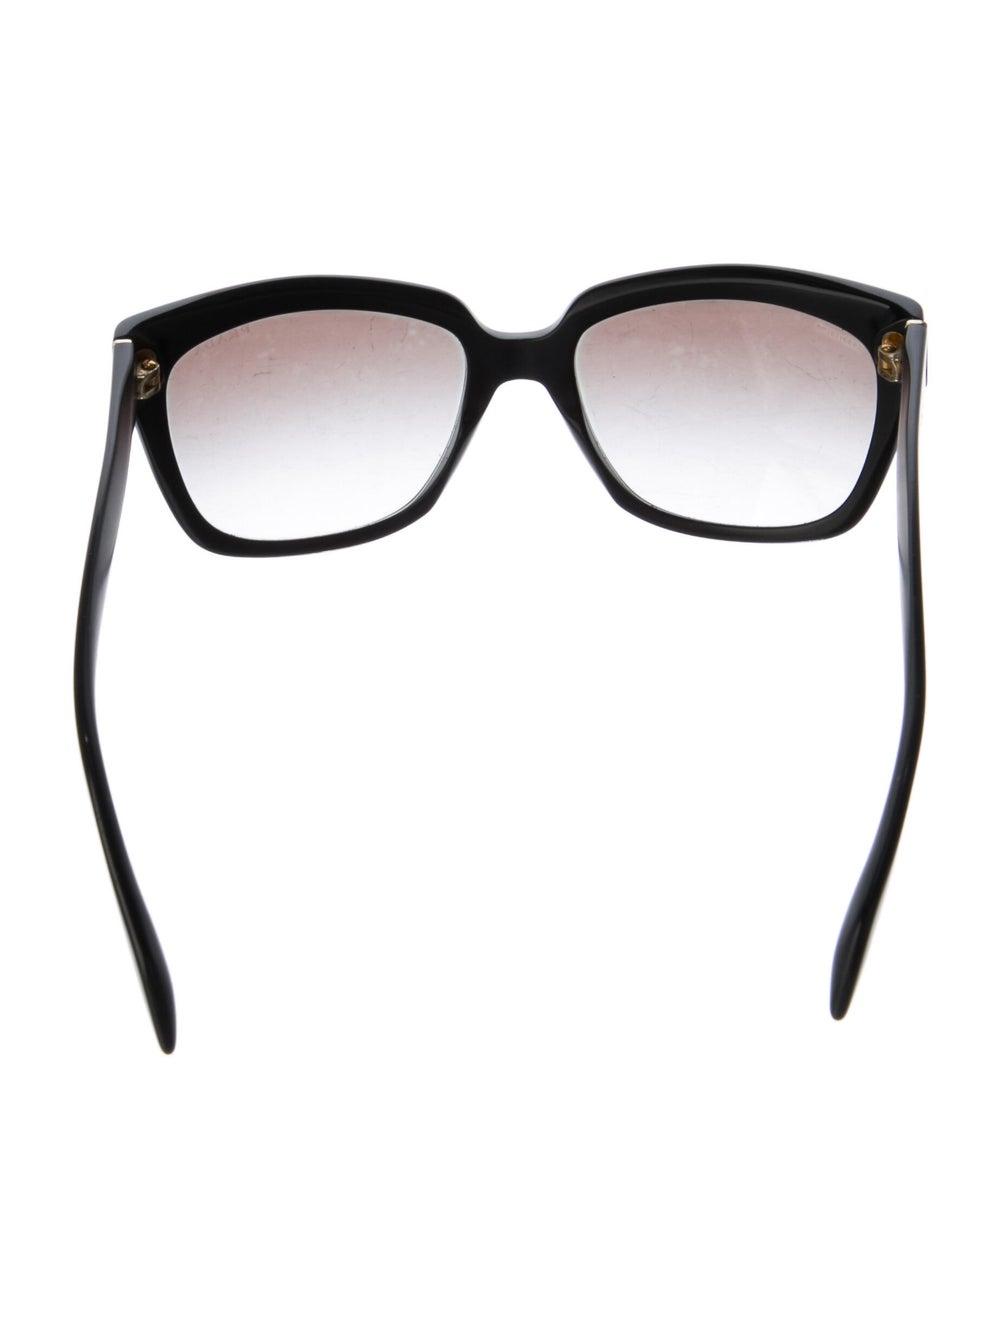 Prada Square Gradient Sunglasses Black - image 3